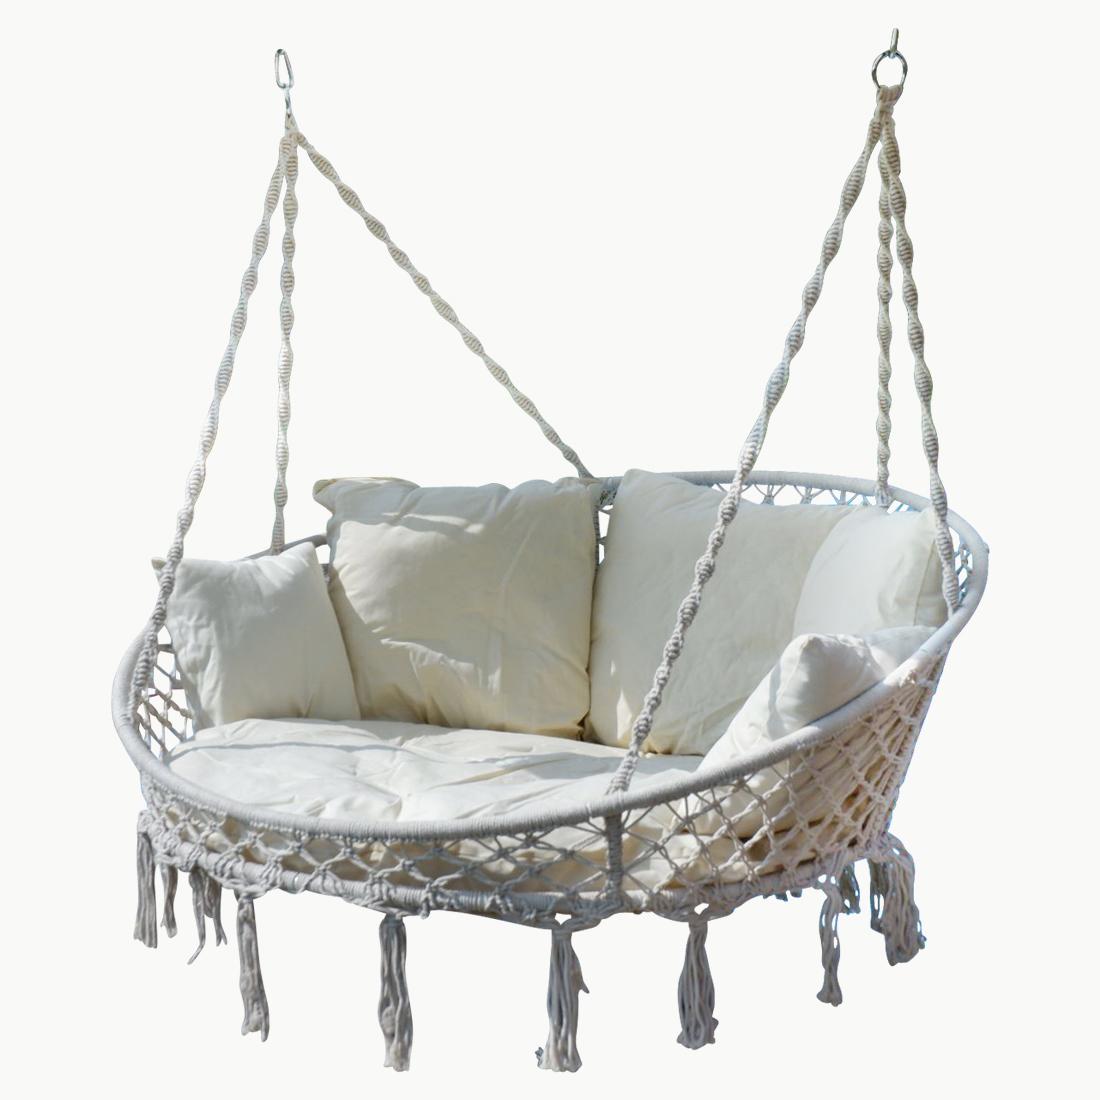 h ngesessel h ngelounger doppellounger lounge f r 2 personen maui mit vielen kissen klappbar. Black Bedroom Furniture Sets. Home Design Ideas